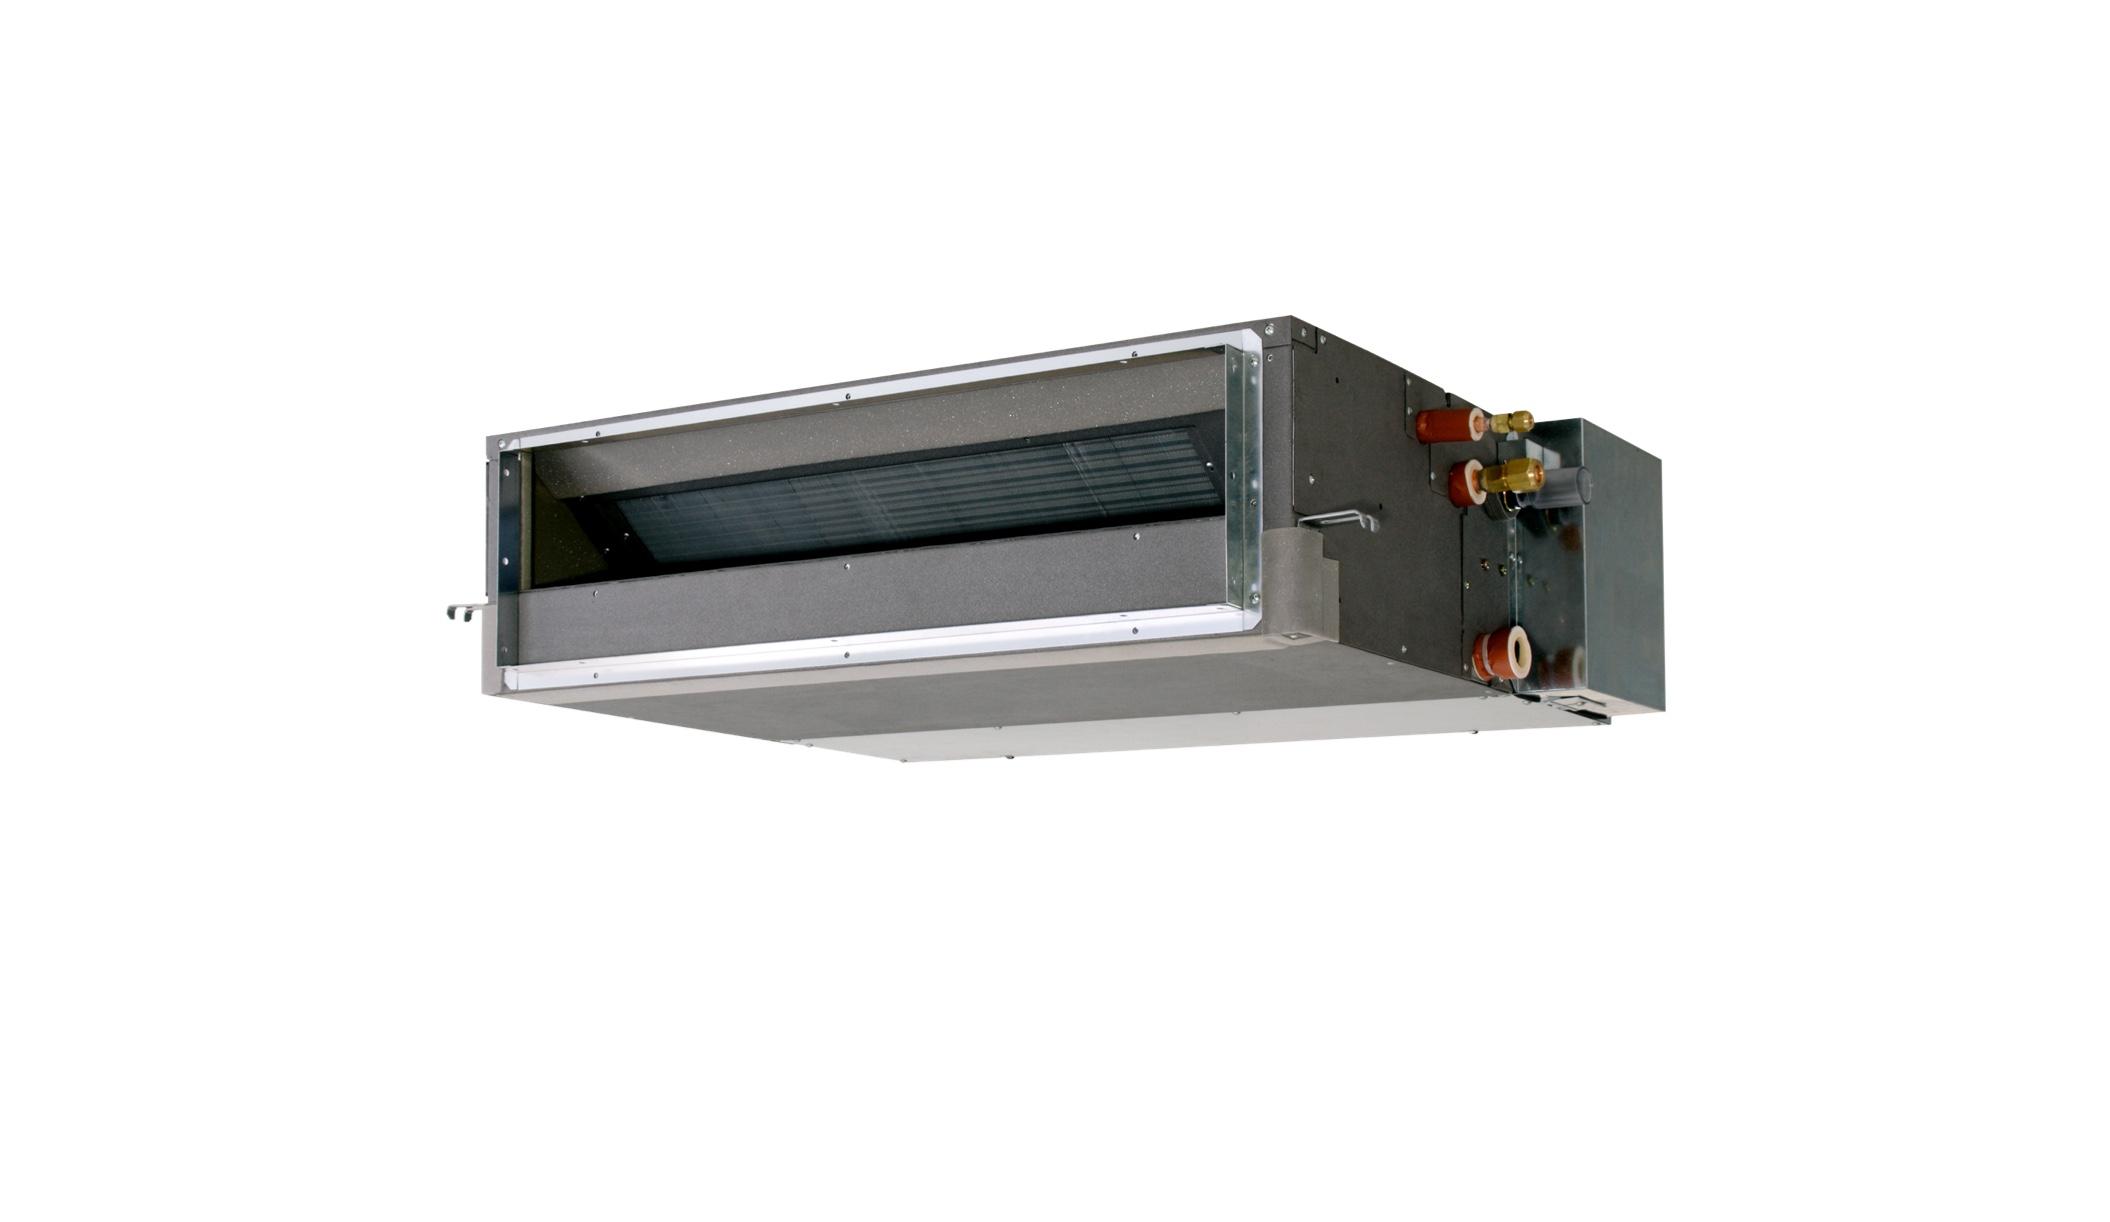 Aire acondicionado por conductos hitachi monoduct rad 50 rpa for Aire acondicionado por conductos opiniones